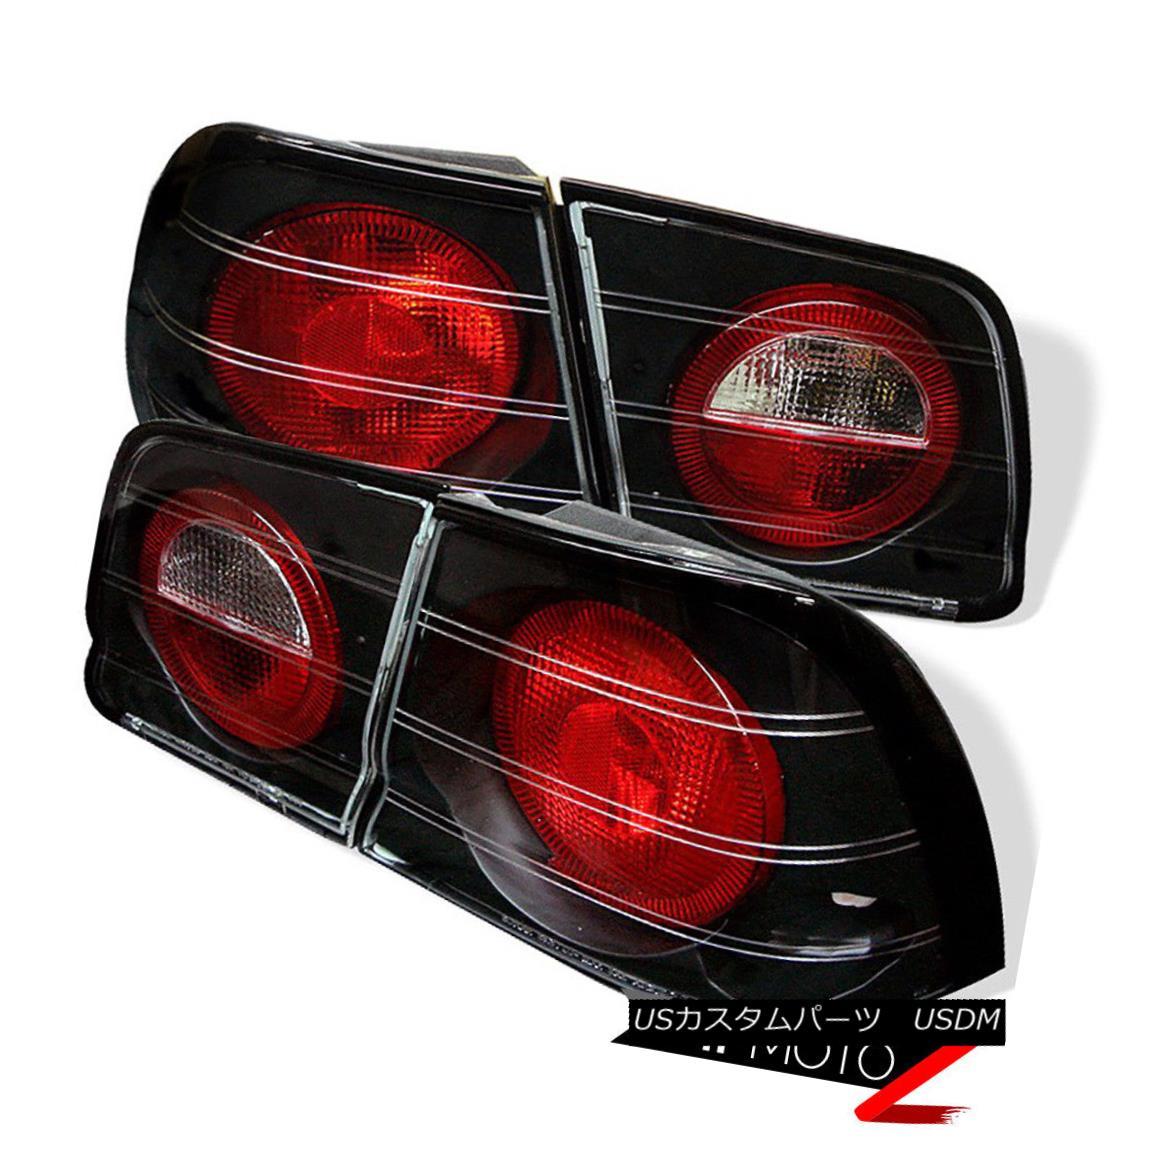 テールライト JDM Black Altezza Tail Light Signal Lamp For 95-96 Maxima 4DR VQ30 V6 3.0 JDM Black Altezzaテールライト信号ランプ95-96 Maxima 4DR VQ30 V6 3.0